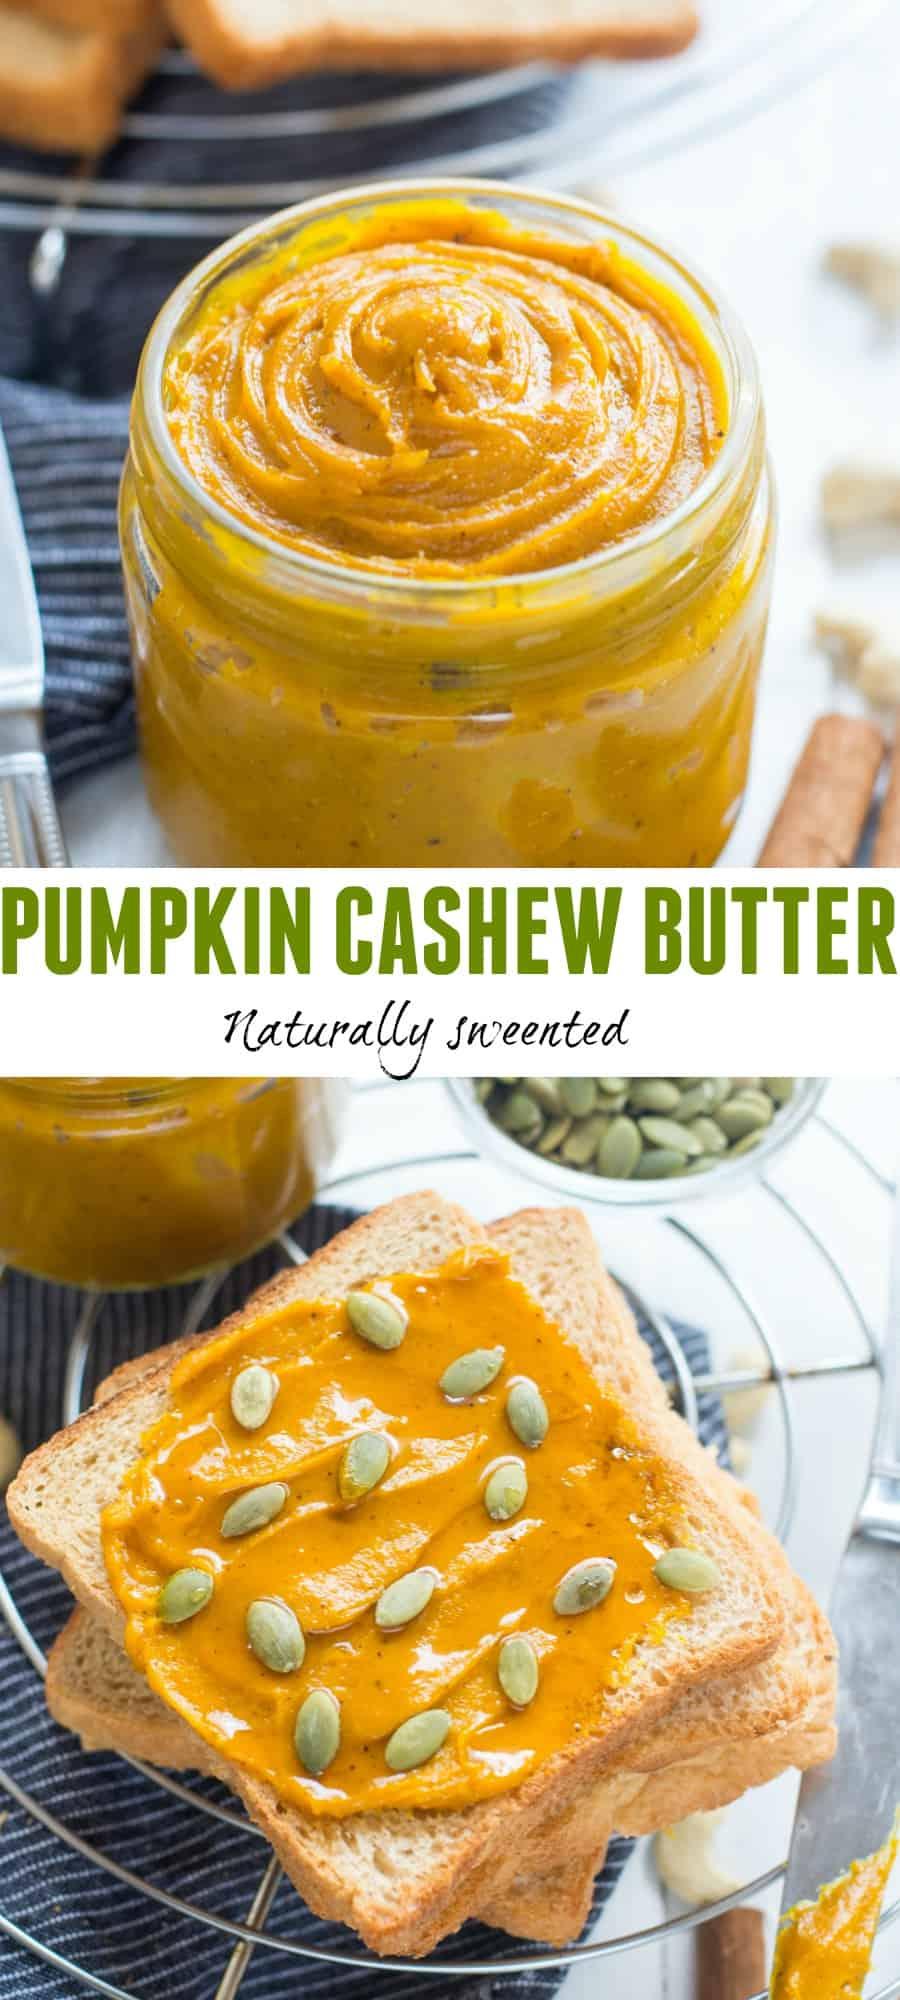 Pumpkin Cashew Butter